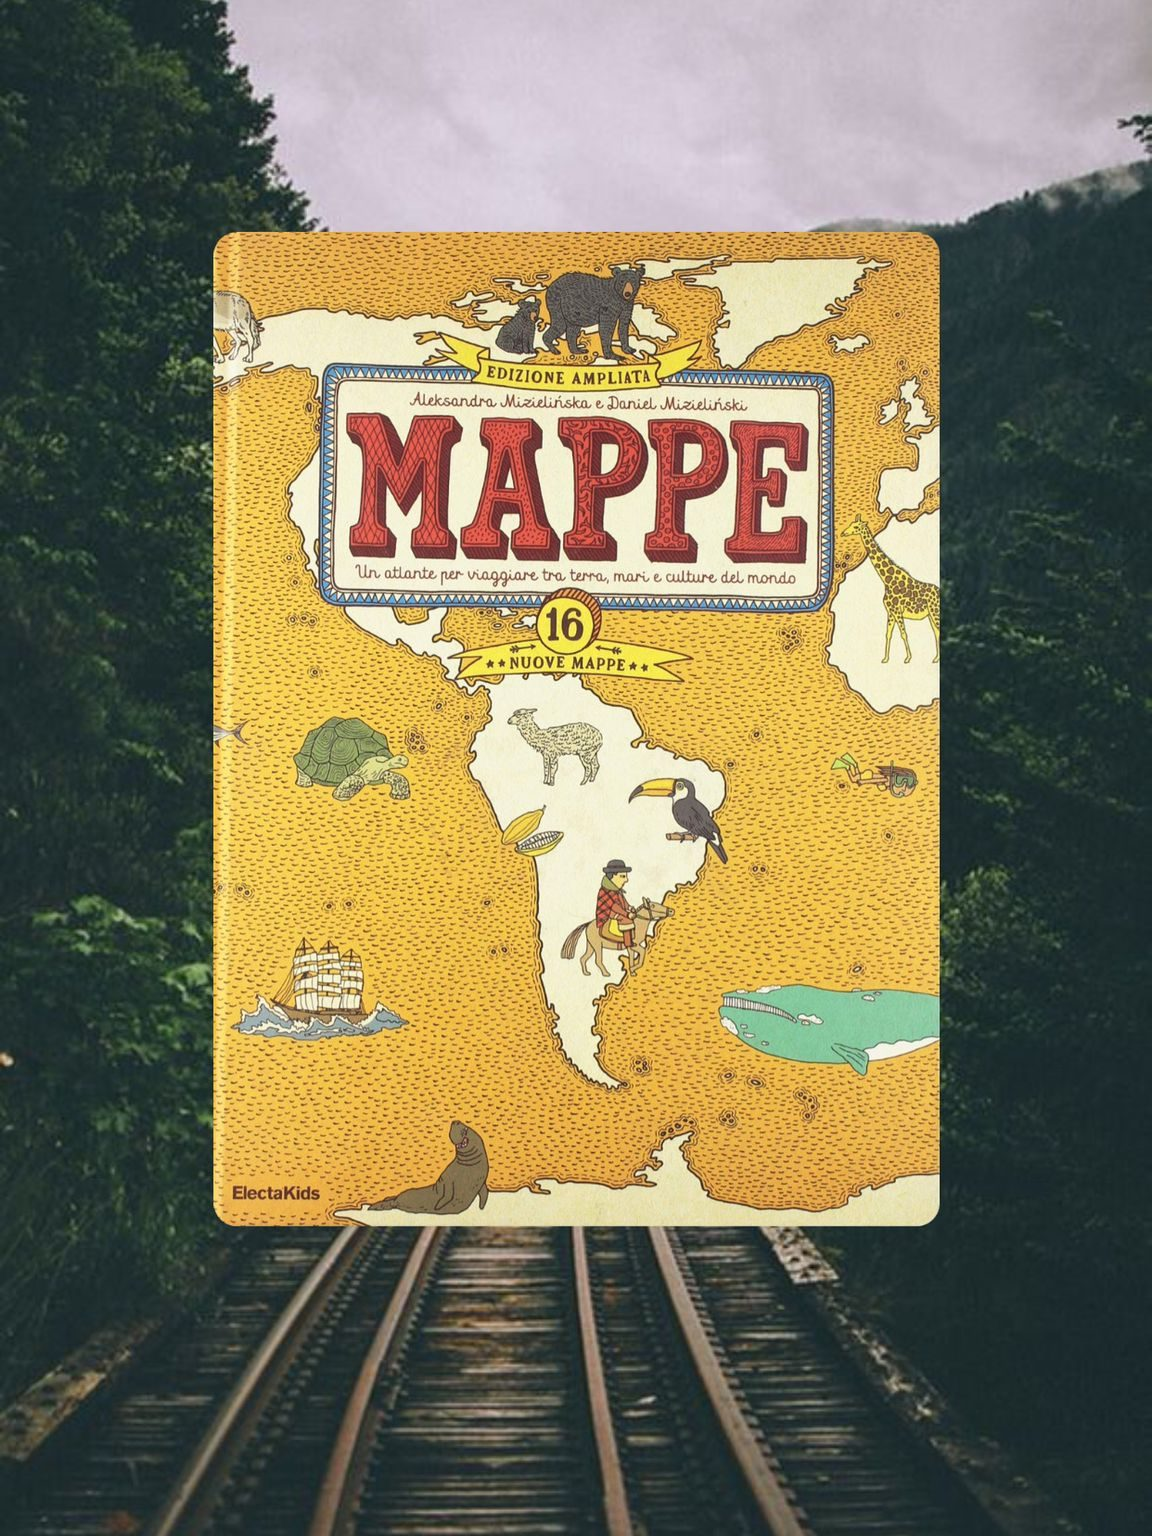 copertina mappe atlante per viaggiare tra terra,mari e culture del mondo